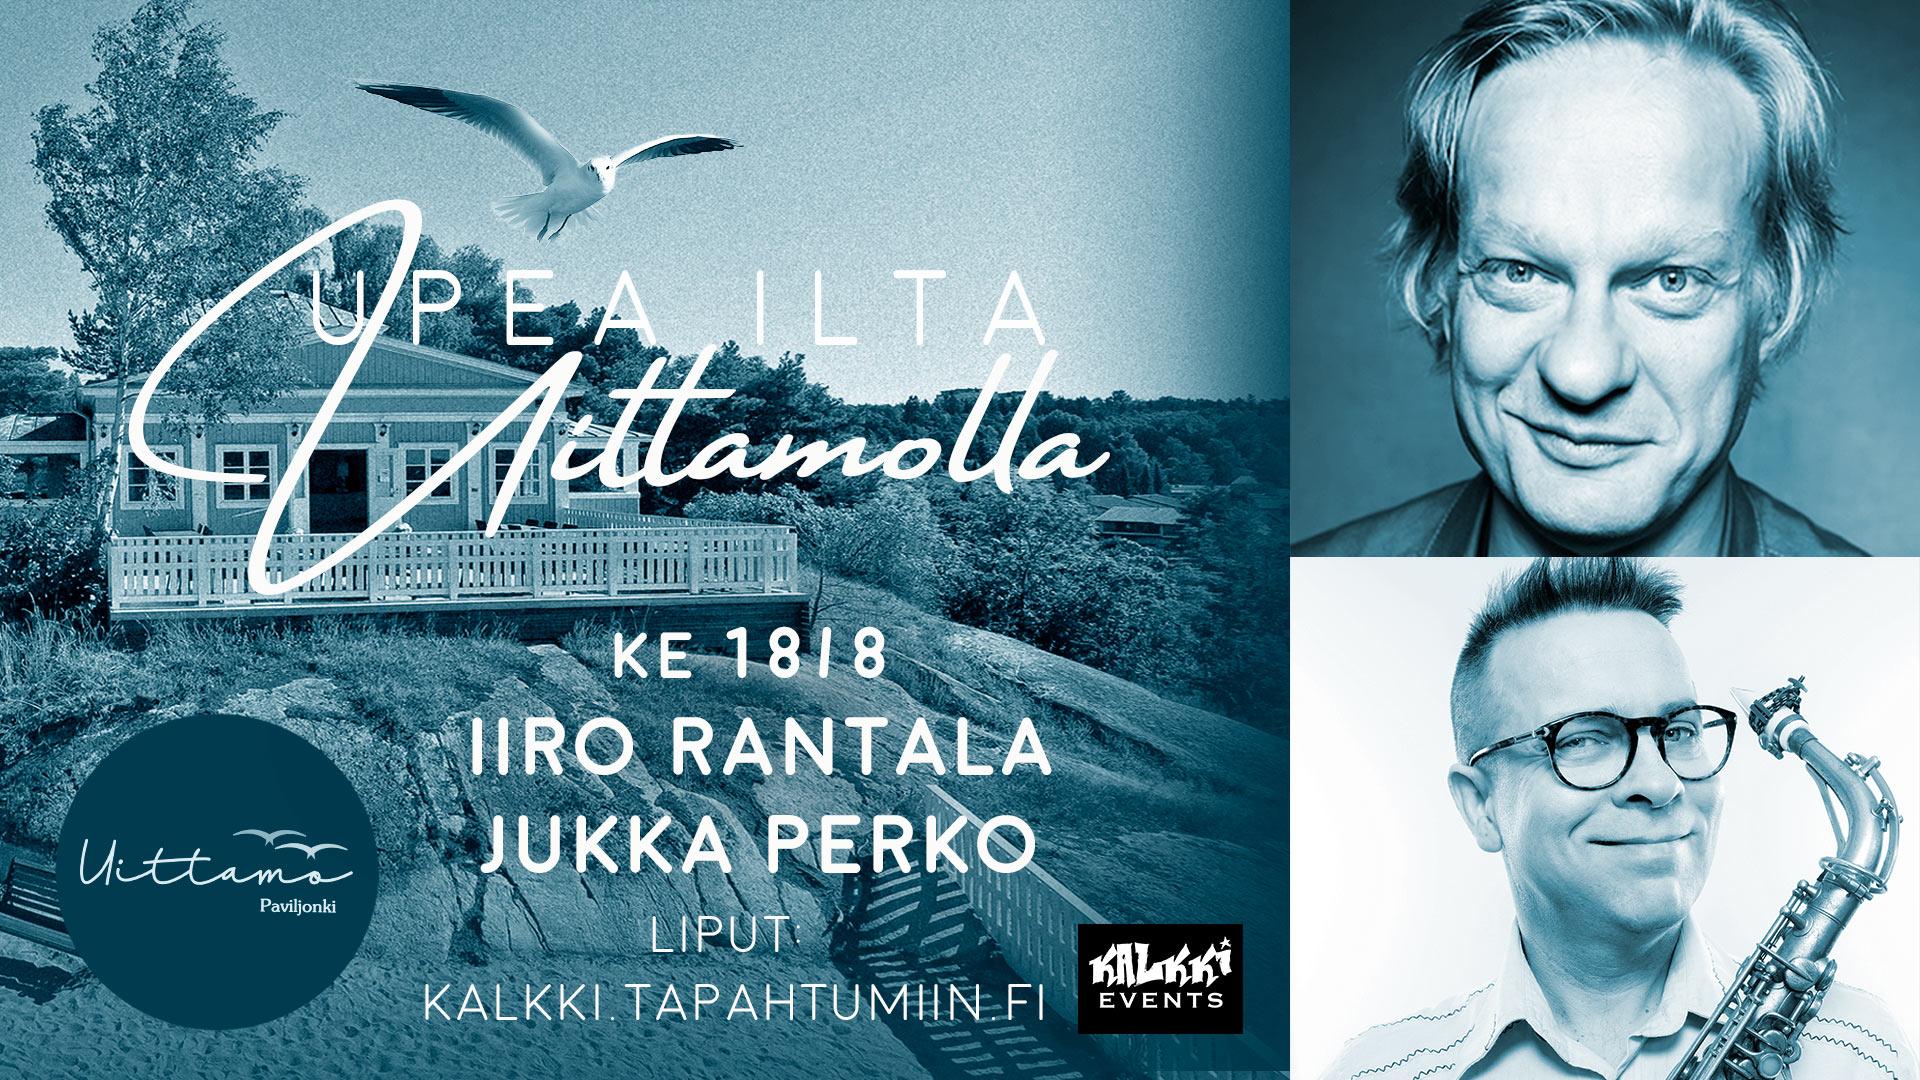 Upea ilta Uittamolla: Iiro Rantala & Jukka Perko